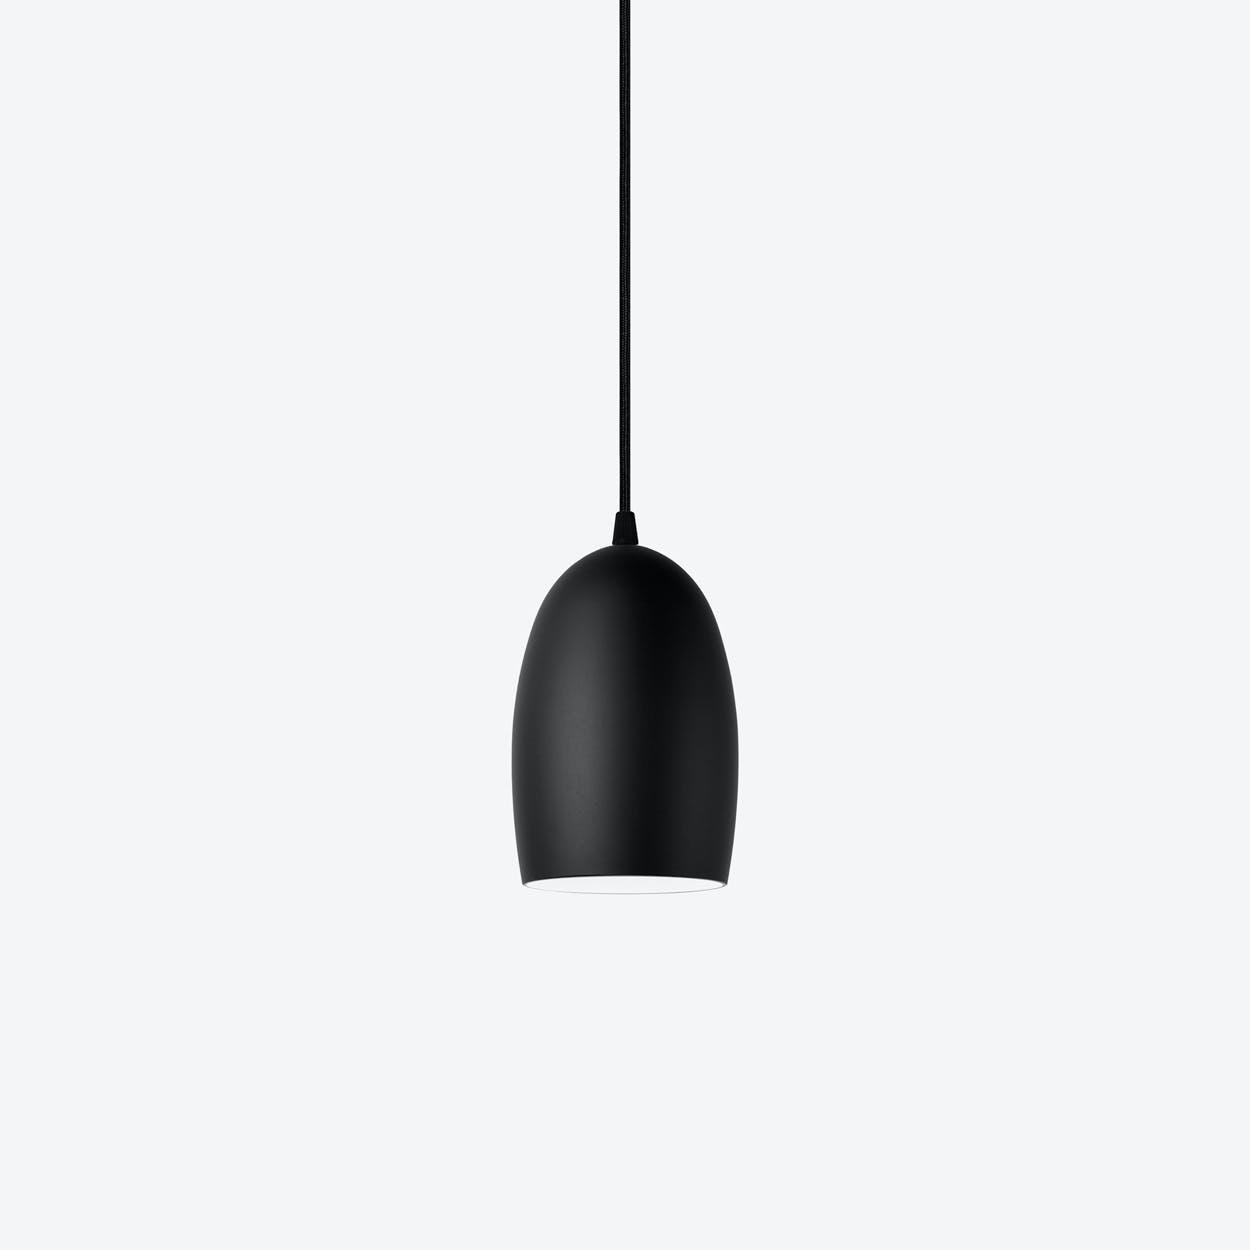 UME Single Pendant Light in Matte Black